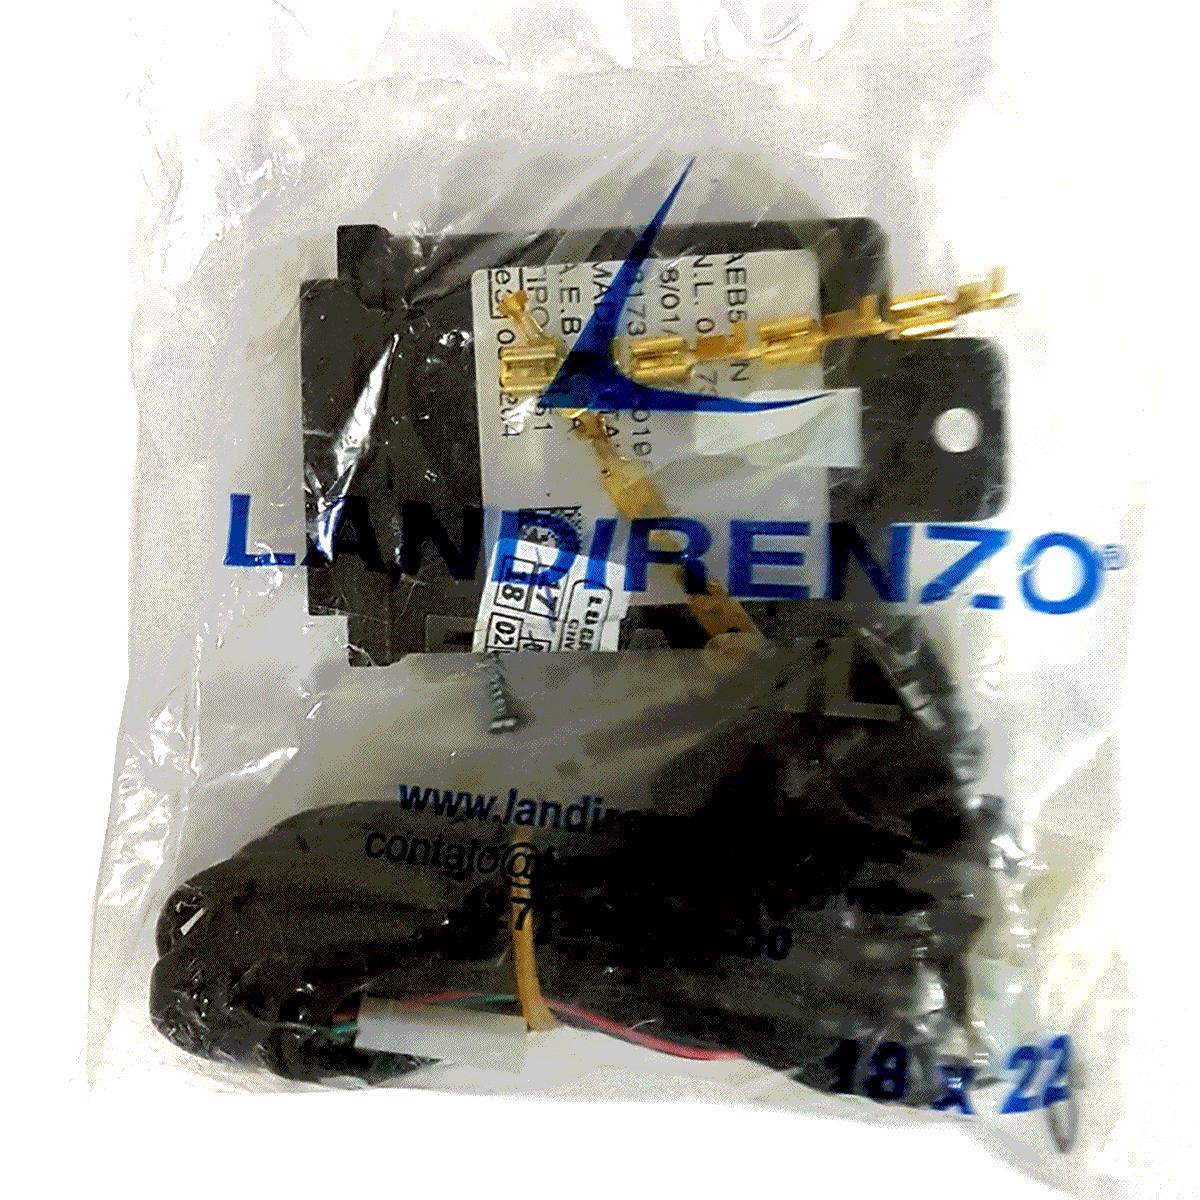 Variador de Avanço Spider 511N com chicote para Sensor Hall GNV Landi Renzo